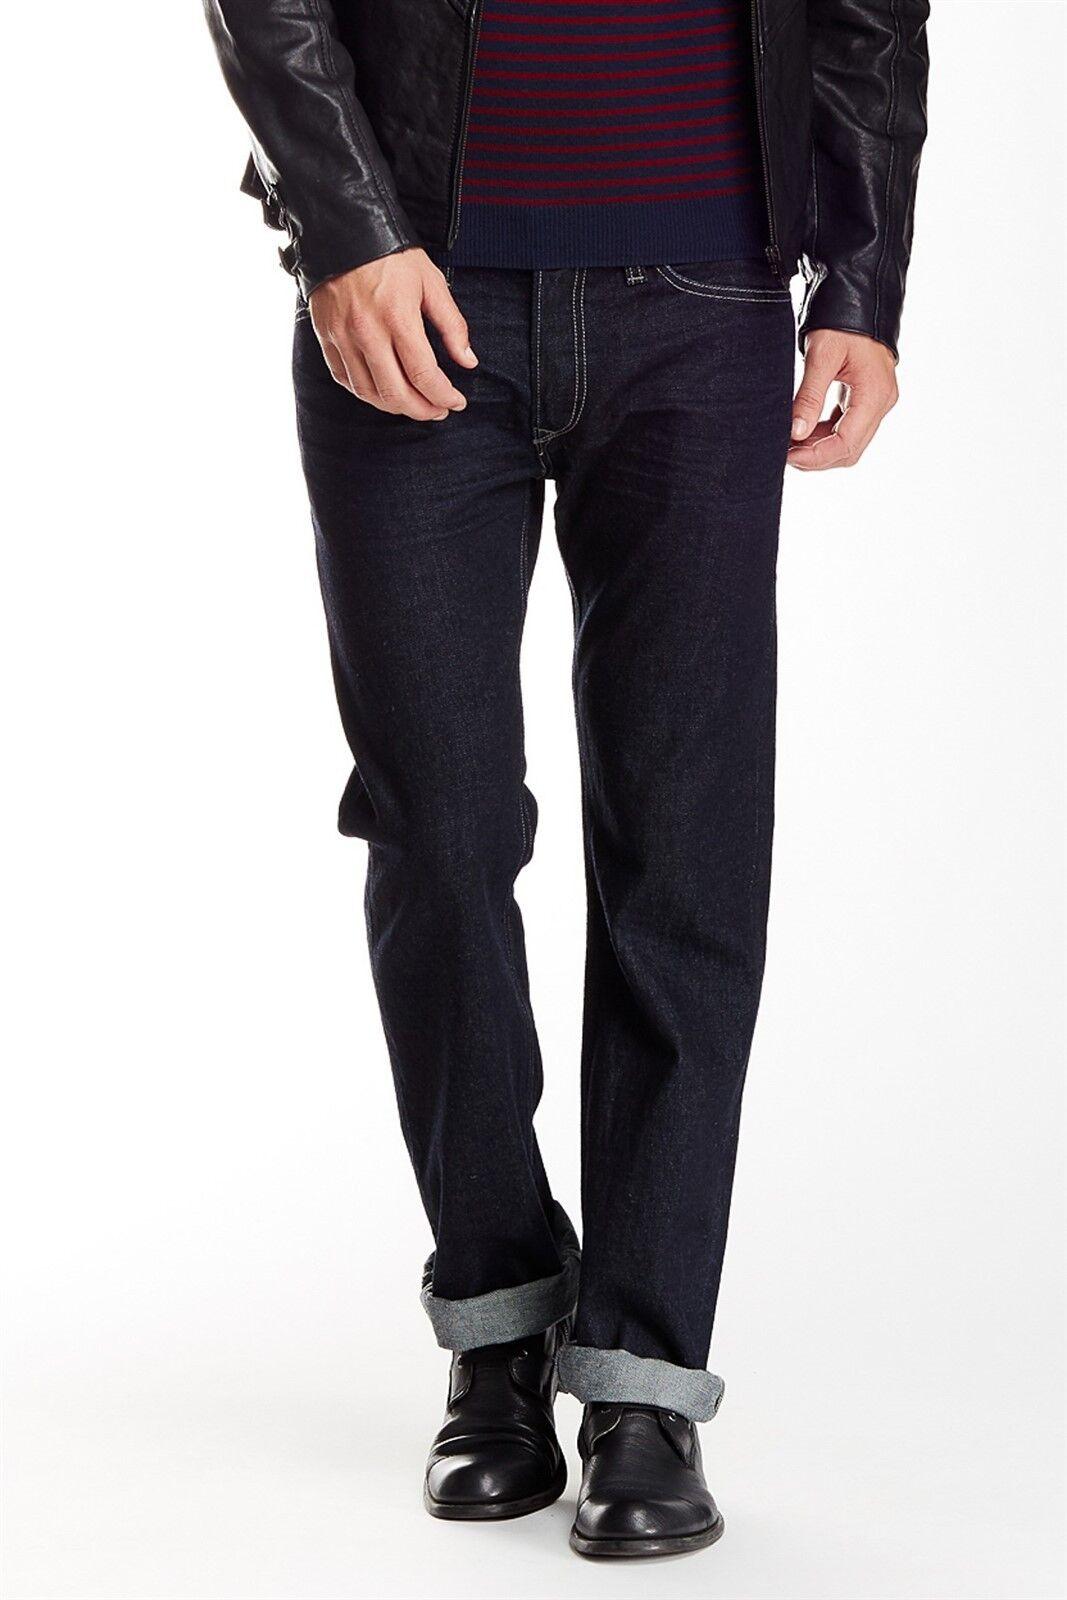 NEW Diesel Viker Regular Straight 0RZ29 Denim Jeans 30x30 Men's NWT